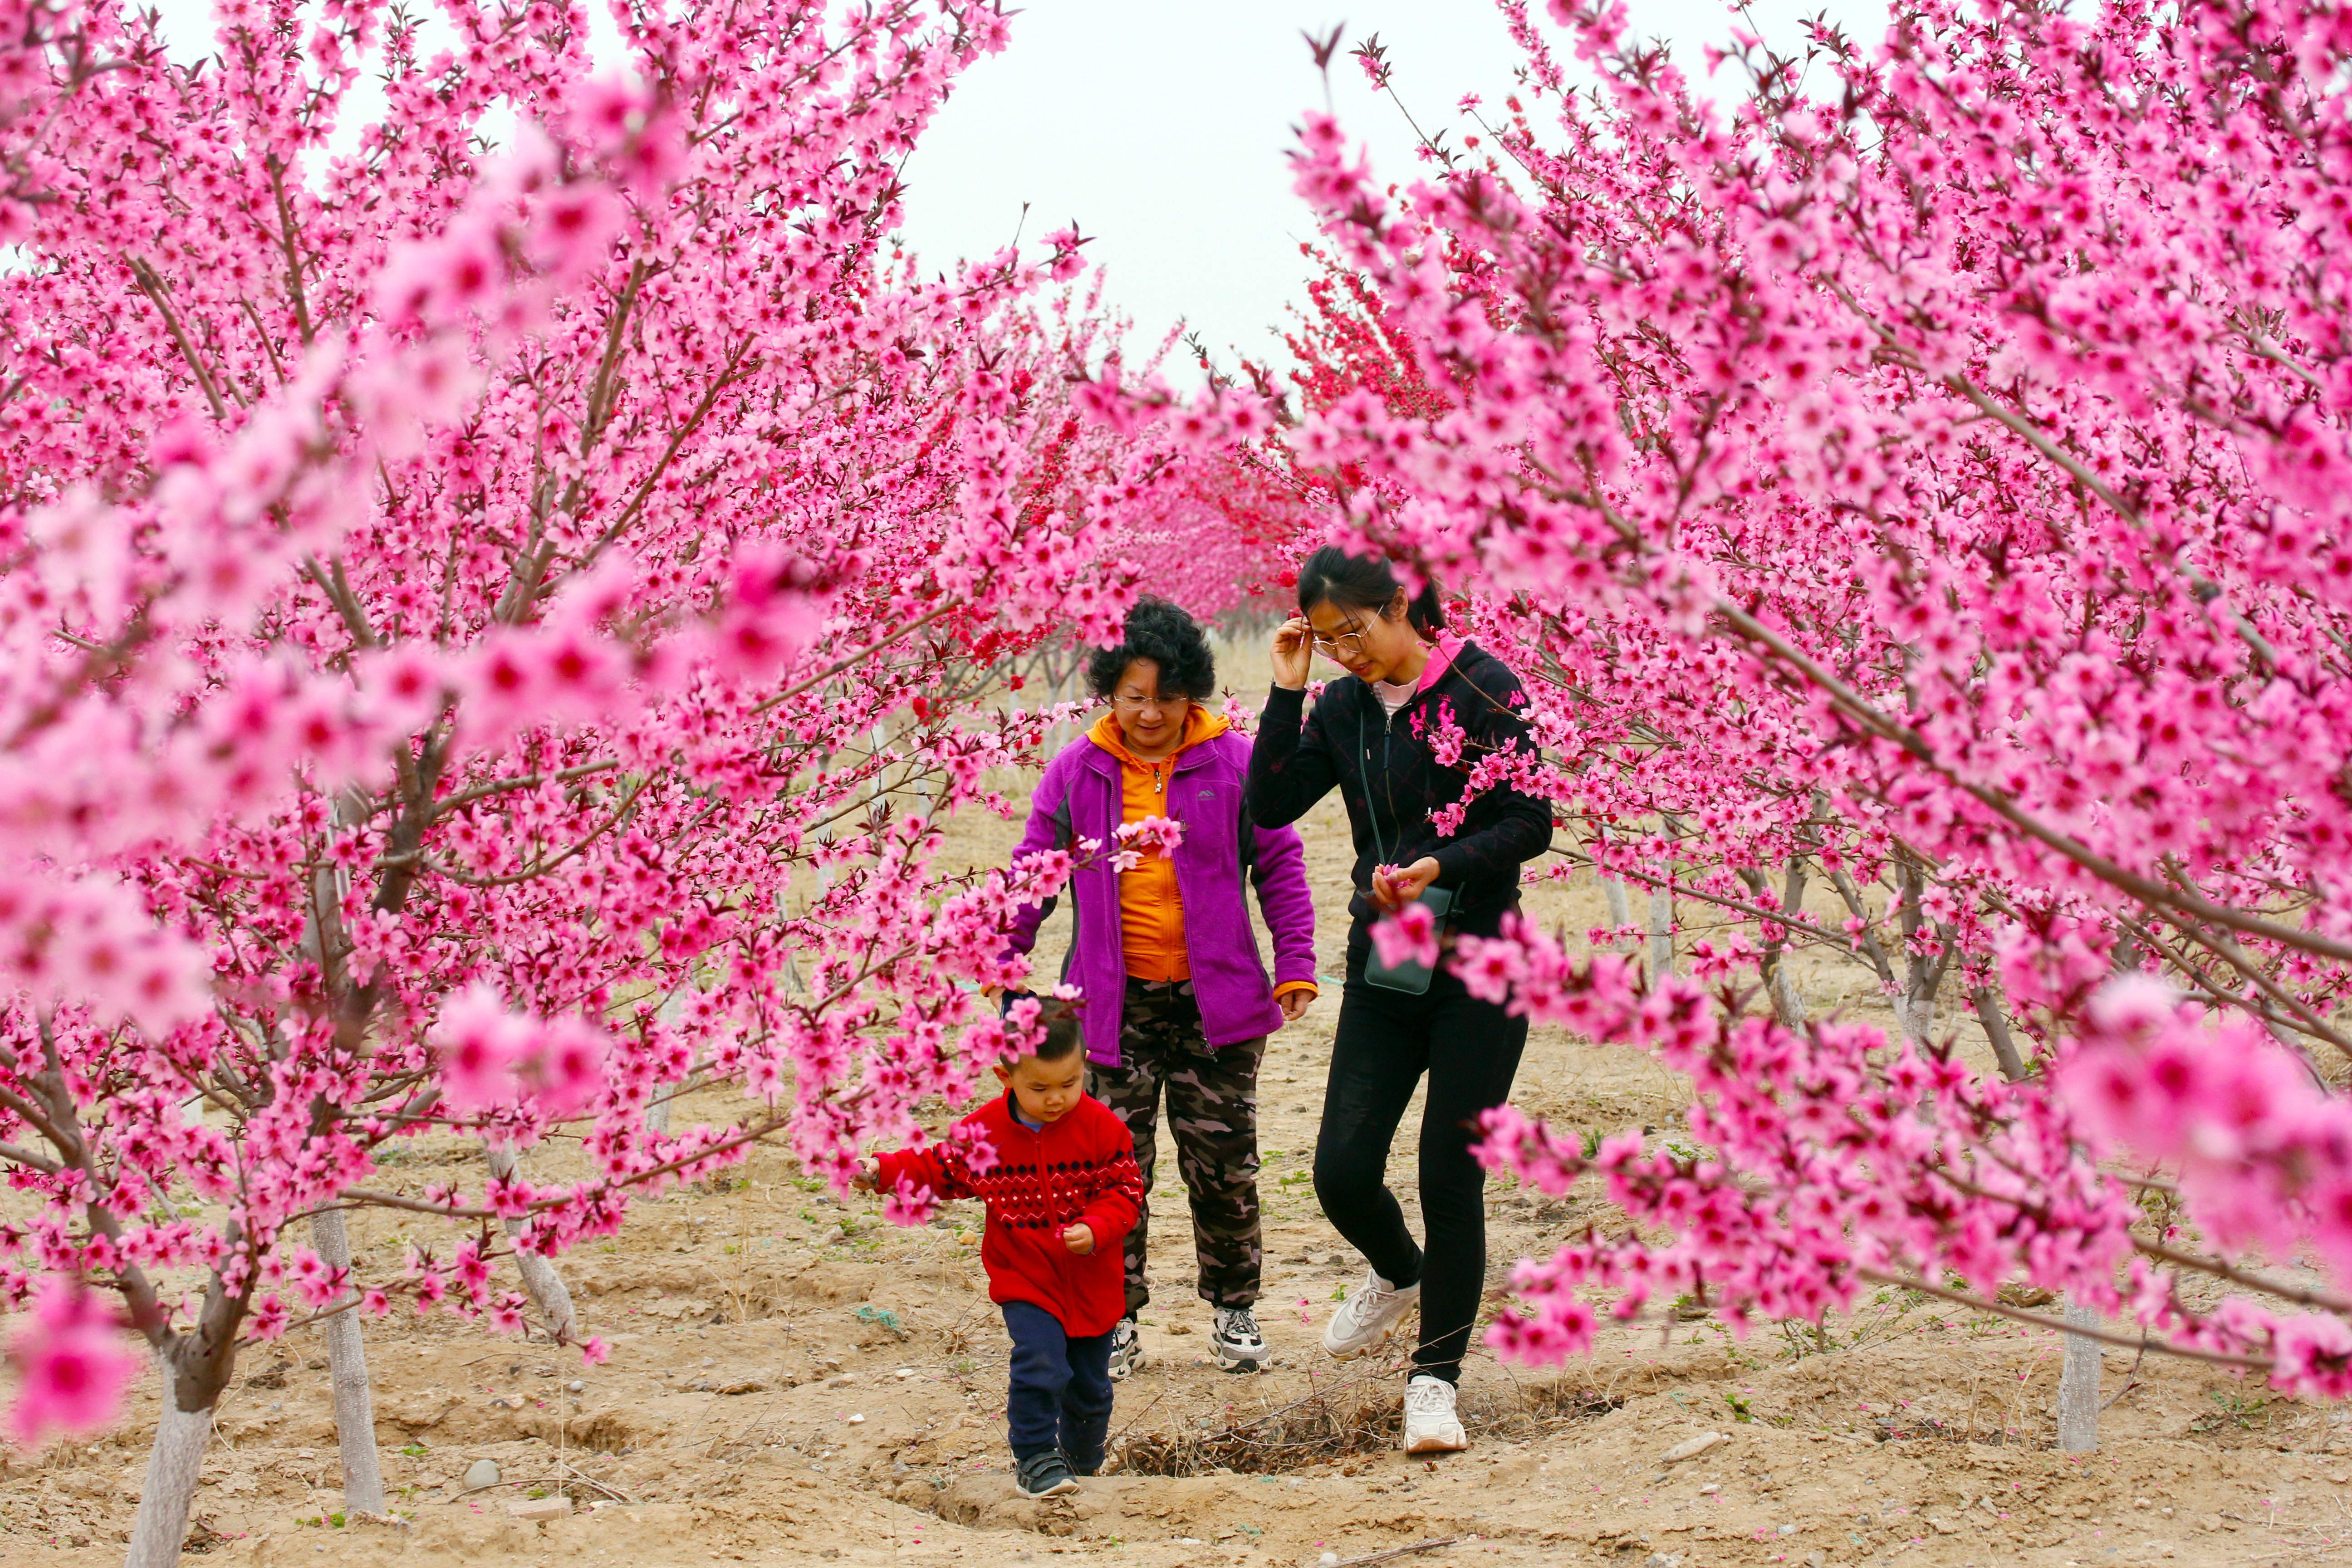 北京五环边有一片桃花源,空无一人似仙境,花开得比公园都美